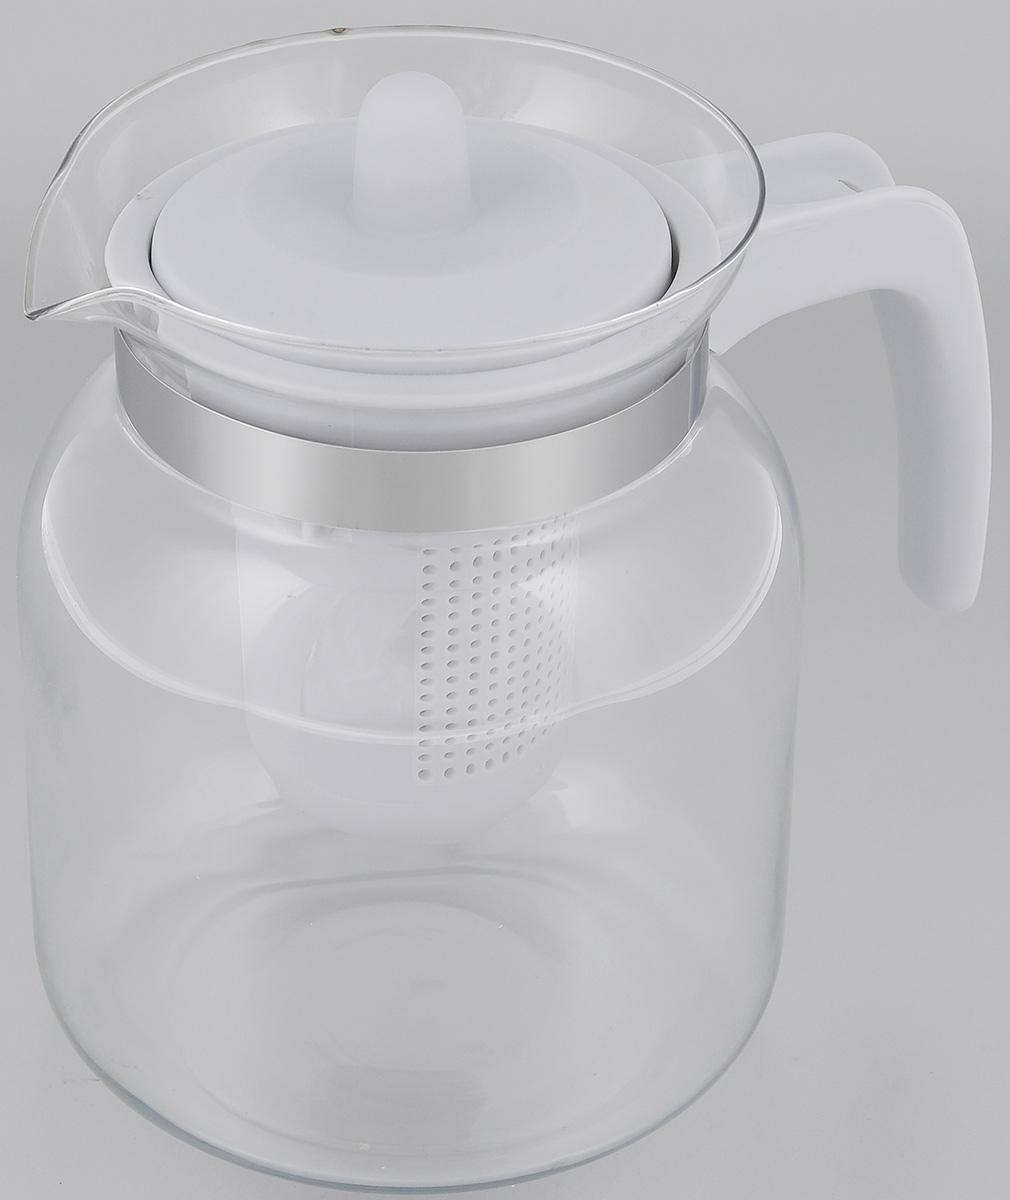 Чайник-кувшин Menu Чабрец, с фильтром, цвет: прозрачный, серый, 1,45 лVT-1520(SR)Чайник-кувшин Menu Чабрец изготовлен из прочного стекла,которое выдерживает температуру до 100 °C. Он прекрасноподойдет для заваривания чая и травяных настоев. Классический стиль и оптимальный объем делают чайникудобным и оригинальным аксессуаром, который прекрасноподойдет для ежедневного использования. Ручка изделиявыполнена из пищевого пластика, она не нагревается иобеспечивает безопасность использования. Благодарясъемному ситечку и оптимальной форме колбы, чайник- кувшин Menu Чабрец идеально подходит для использованияего в качестве кувшина для воды и прохладительных напитков. Диаметр чайника по верхнему краю: 10,3 см. Общий диаметр чайника: 11 см. Высота чайника (без учета ручки и крышки): 15,6 см. Высота чайника (с учетом ручки и крышки): 17 см.